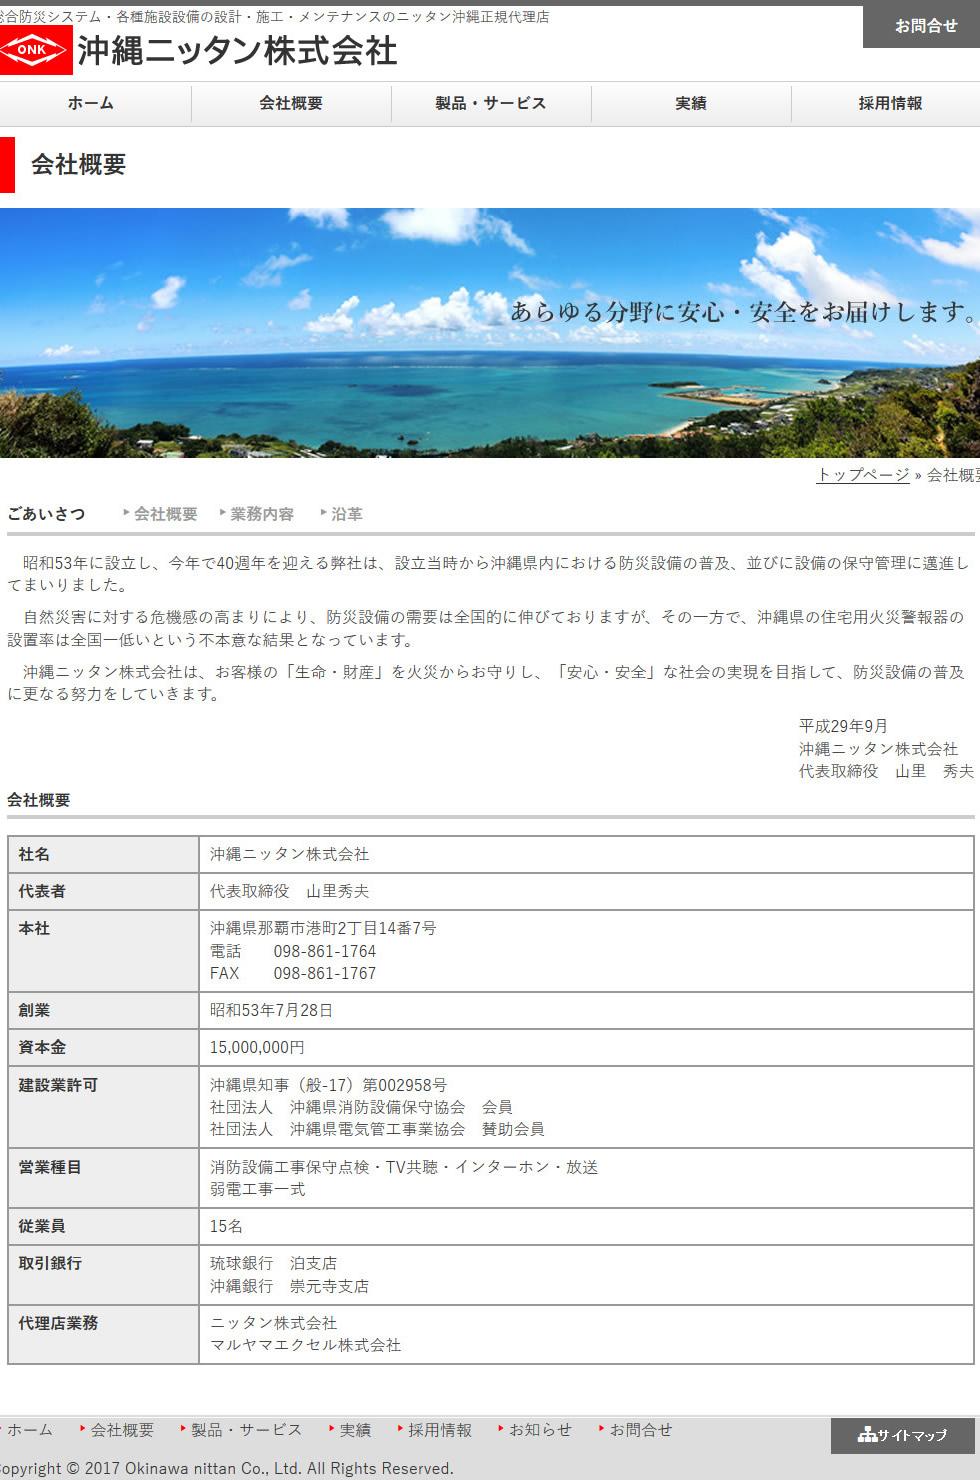 沖縄ニッタン(株)